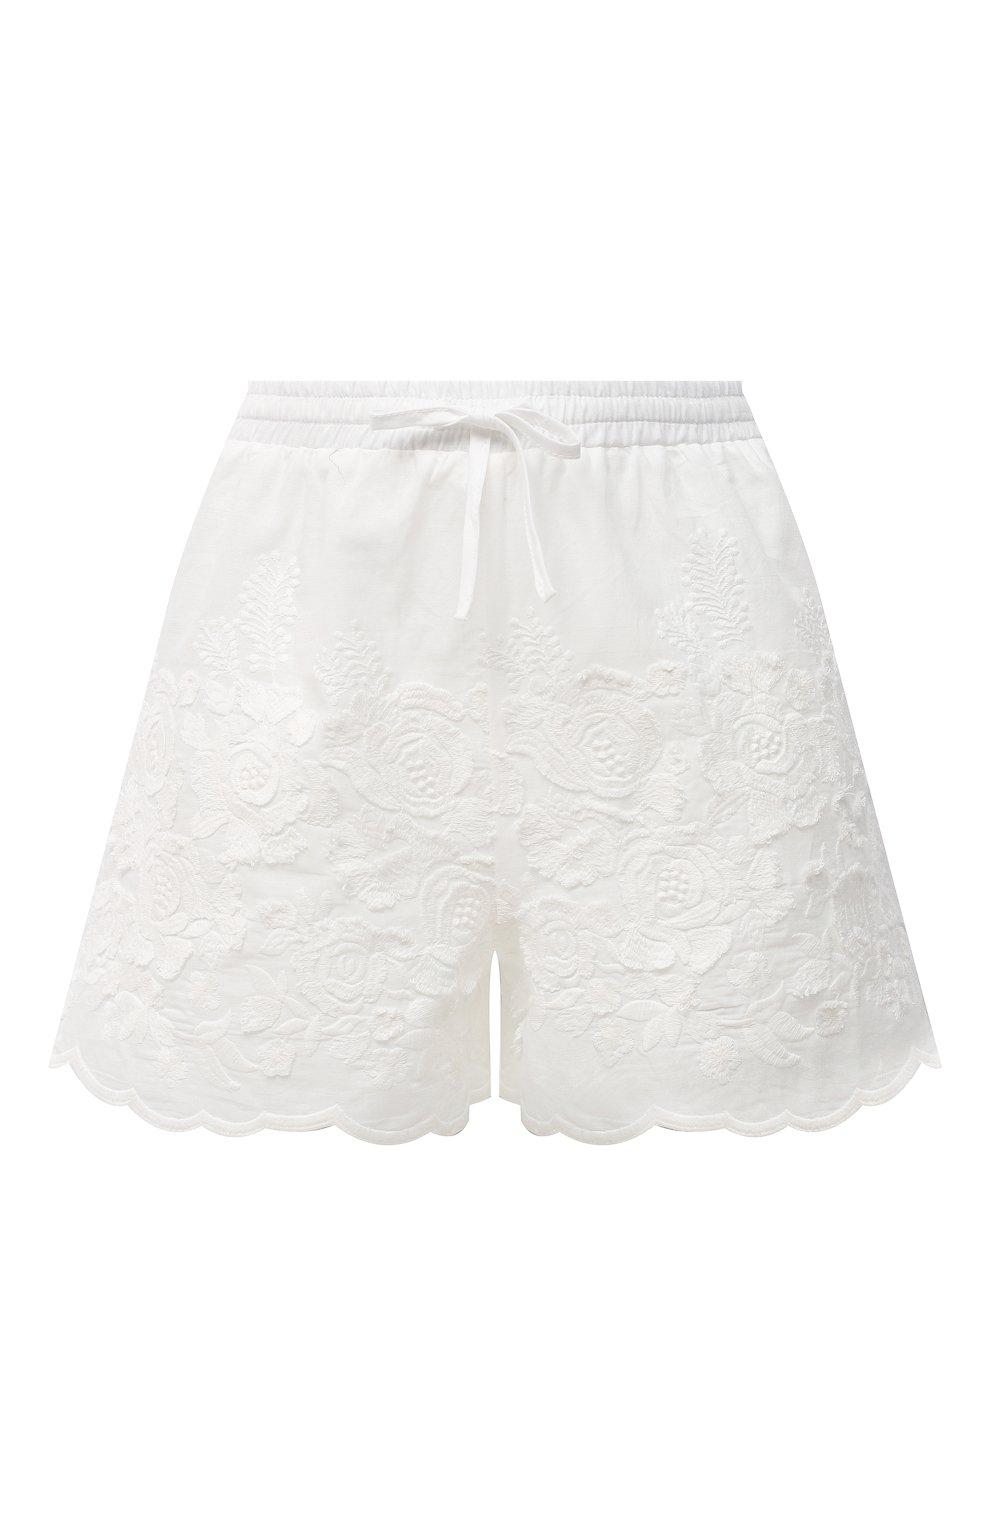 Женские хлопковые шорты EVA B.BITZER светло-бежевого цвета, арт. 10312245 | Фото 1 (Женское Кросс-КТ: Шорты-одежда, Шорты-пляжная одежда; Длина Ж (юбки, платья, шорты): Мини; Материал внешний: Хлопок; Стили: Бохо)